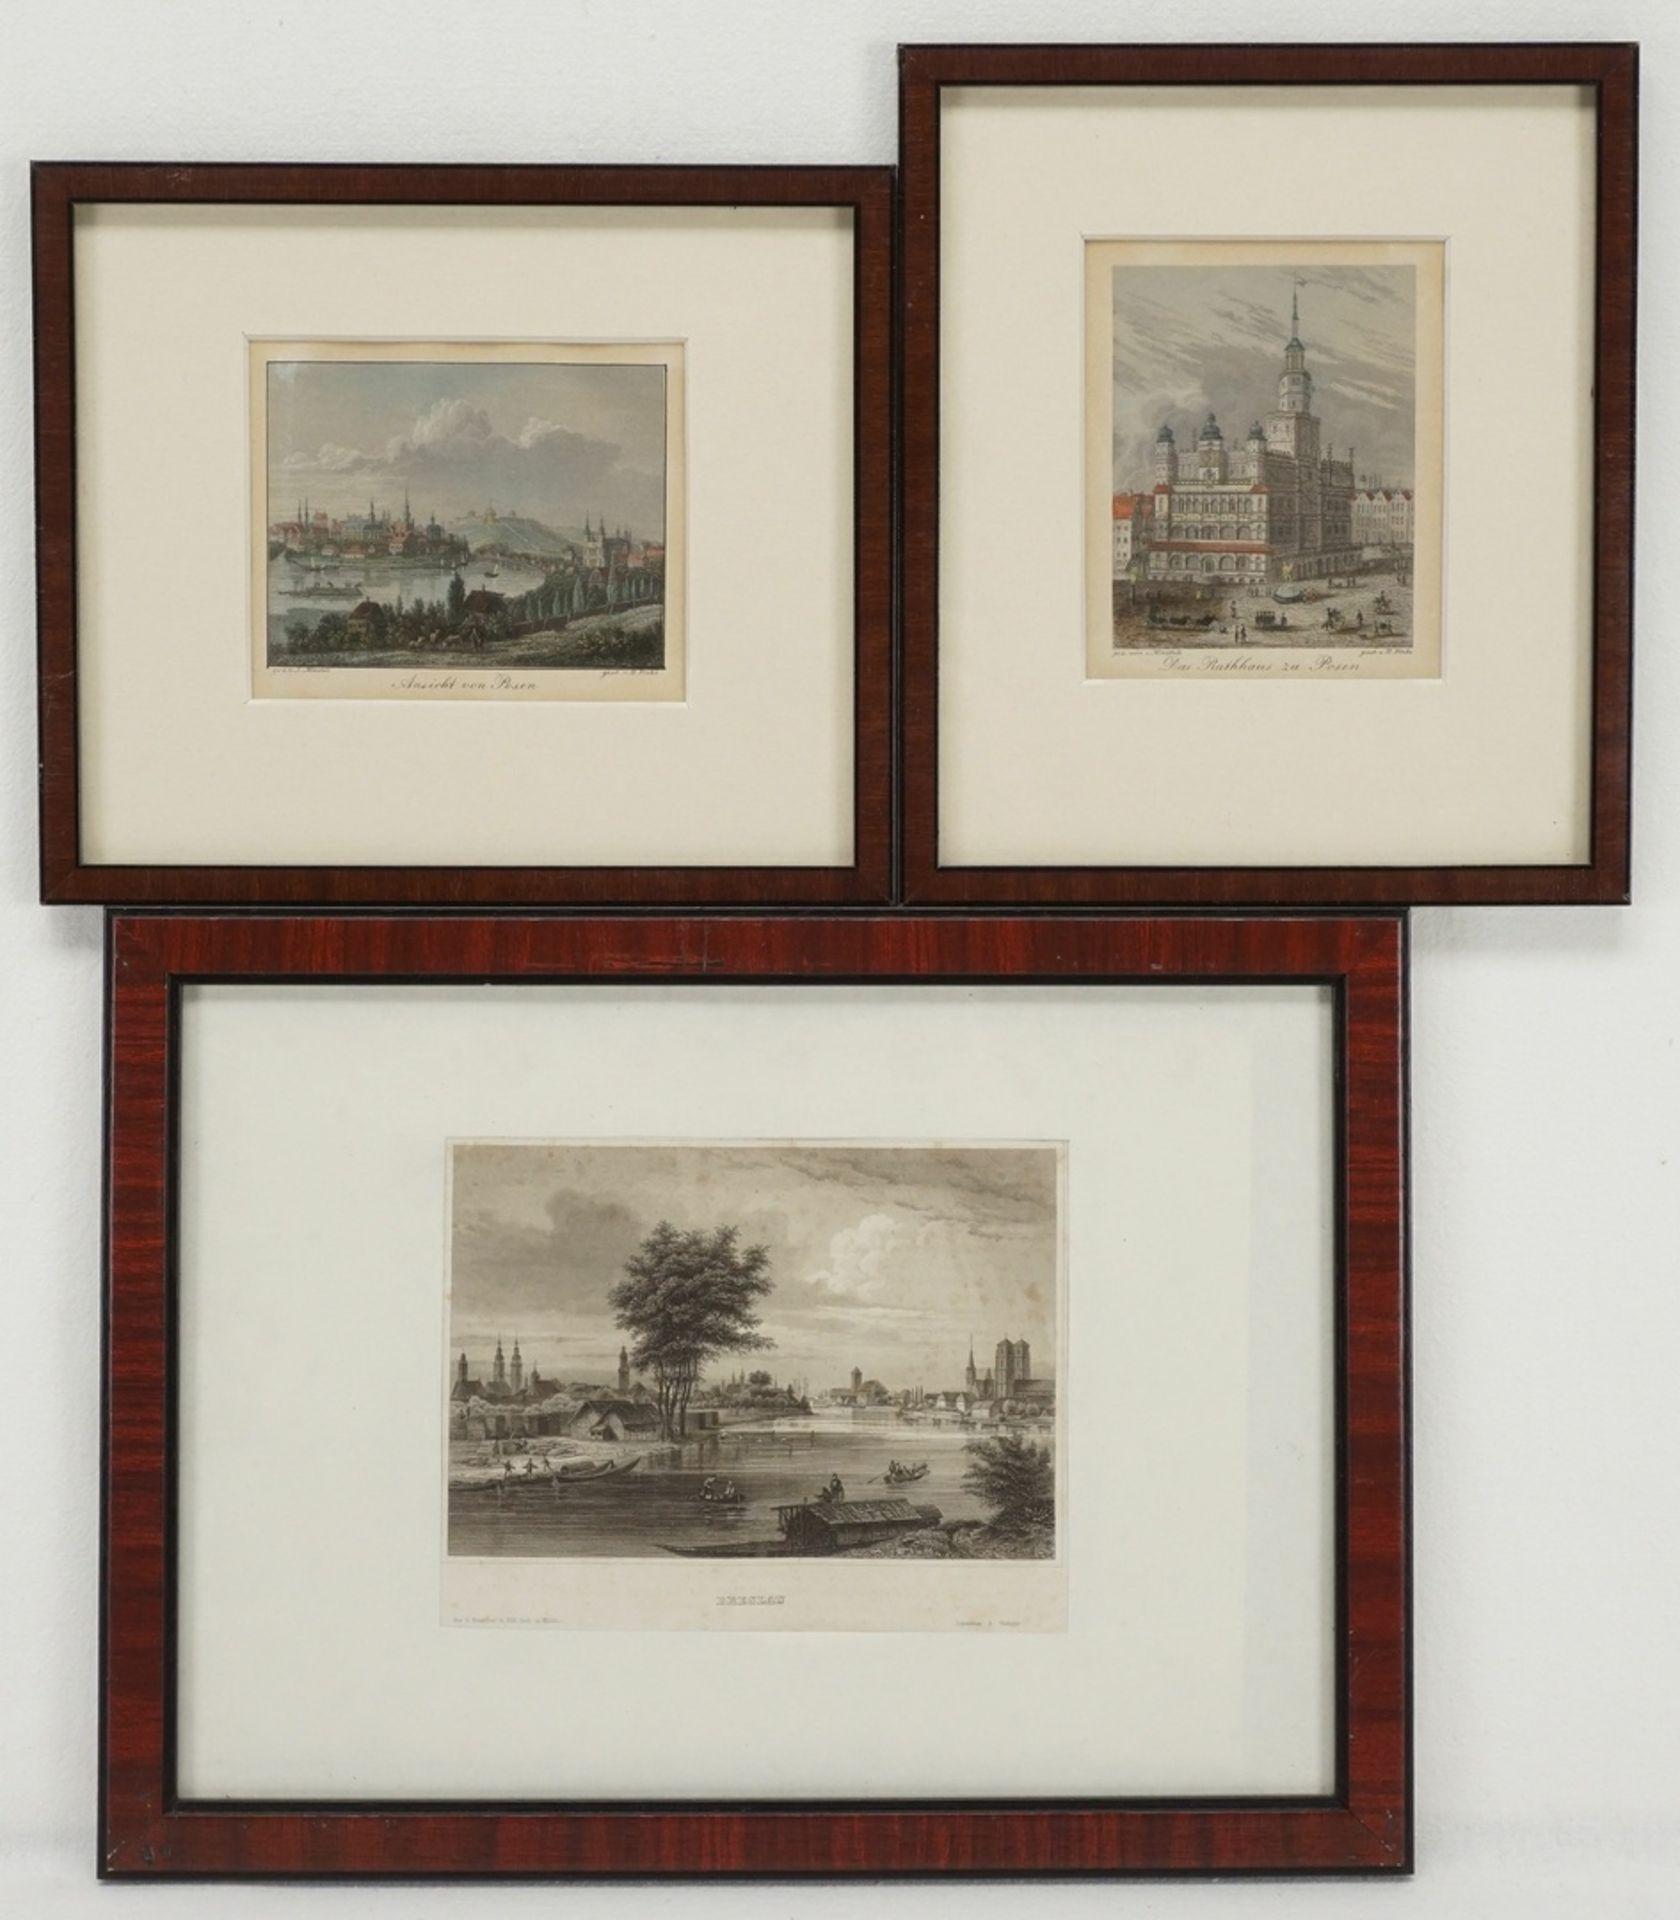 Posen und Breslau - drei Ansichten